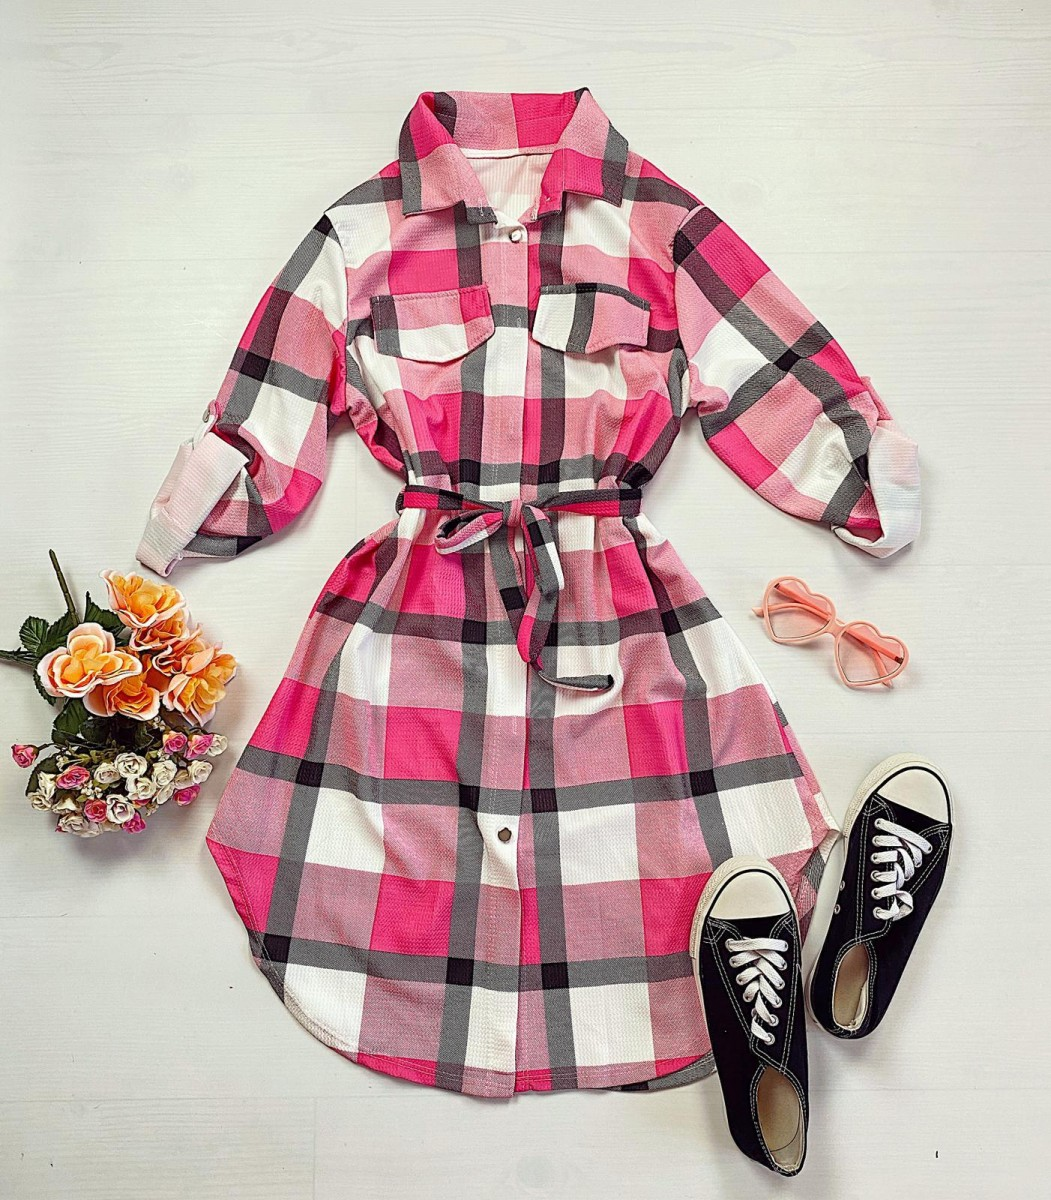 Rochie ieftina casual stil camasa roz fuchsia cu gri si alb cu carouri si cordon in talie